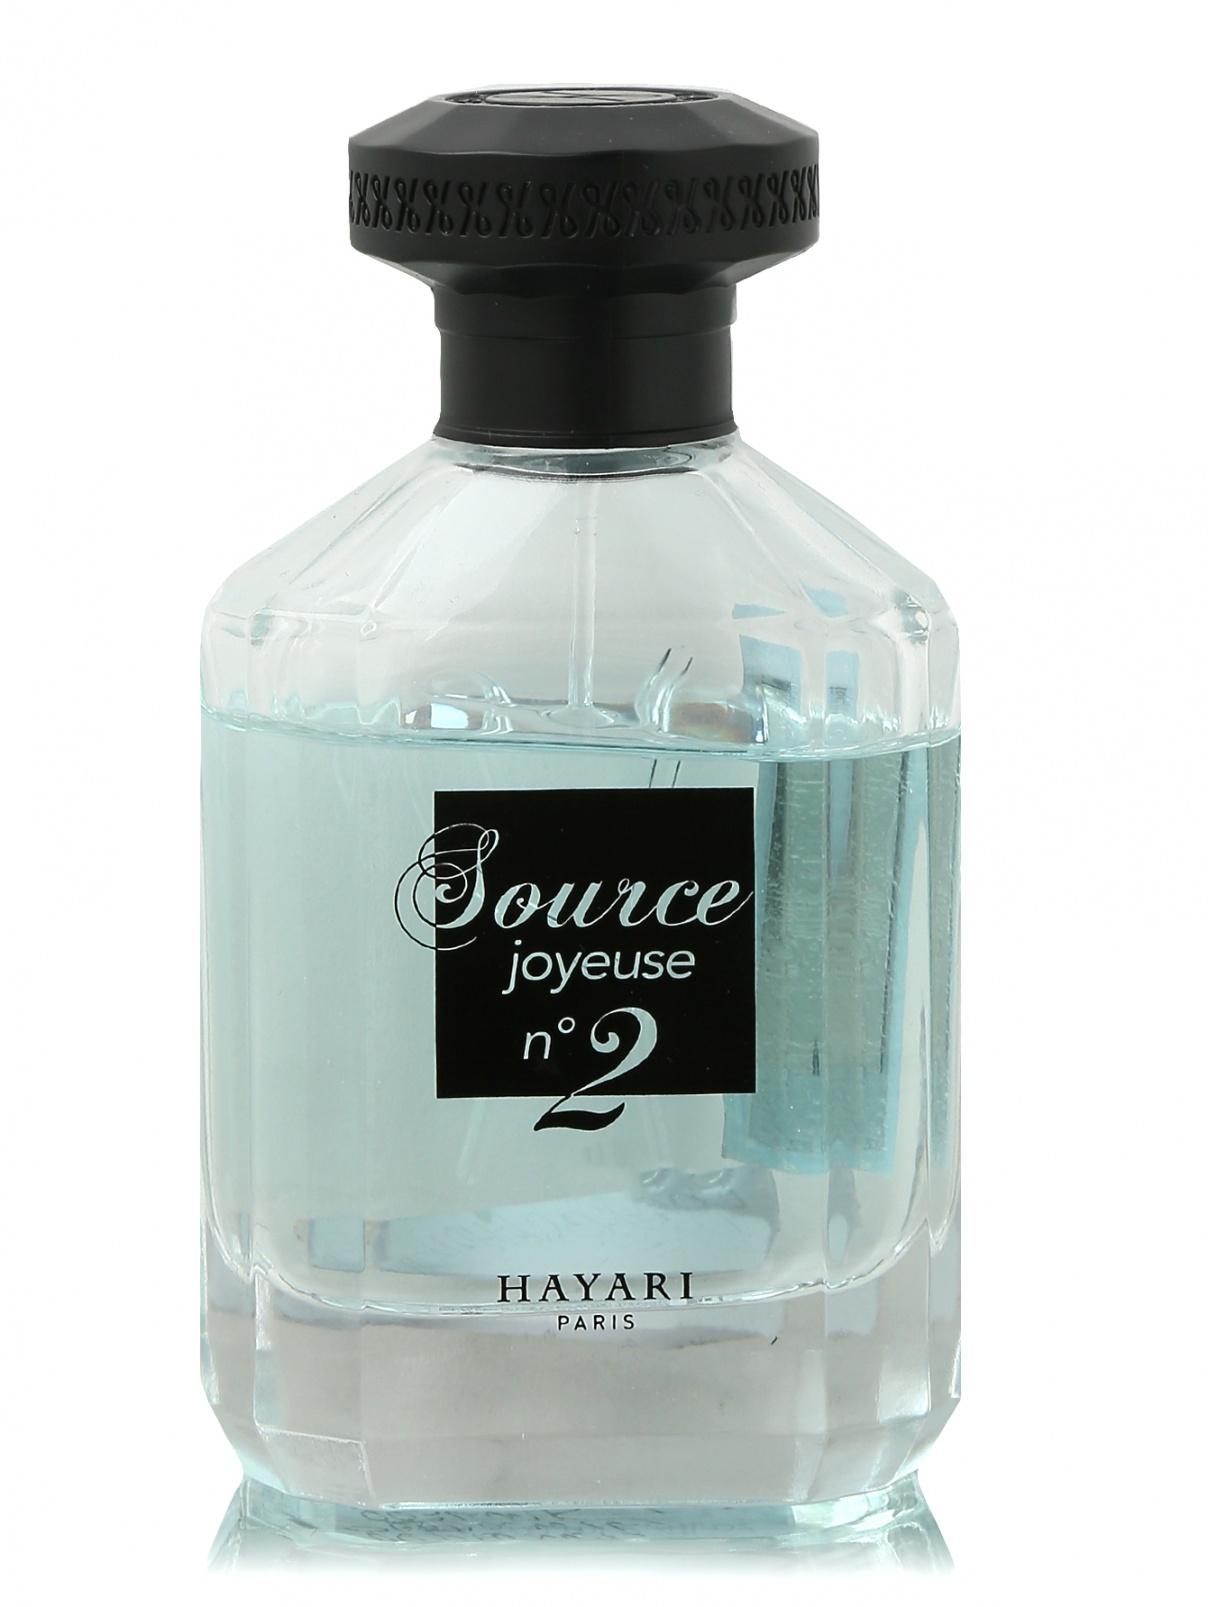 Туалетная вода 70 мл Source Joyeuse №2 Hayari Parfums  –  Общий вид